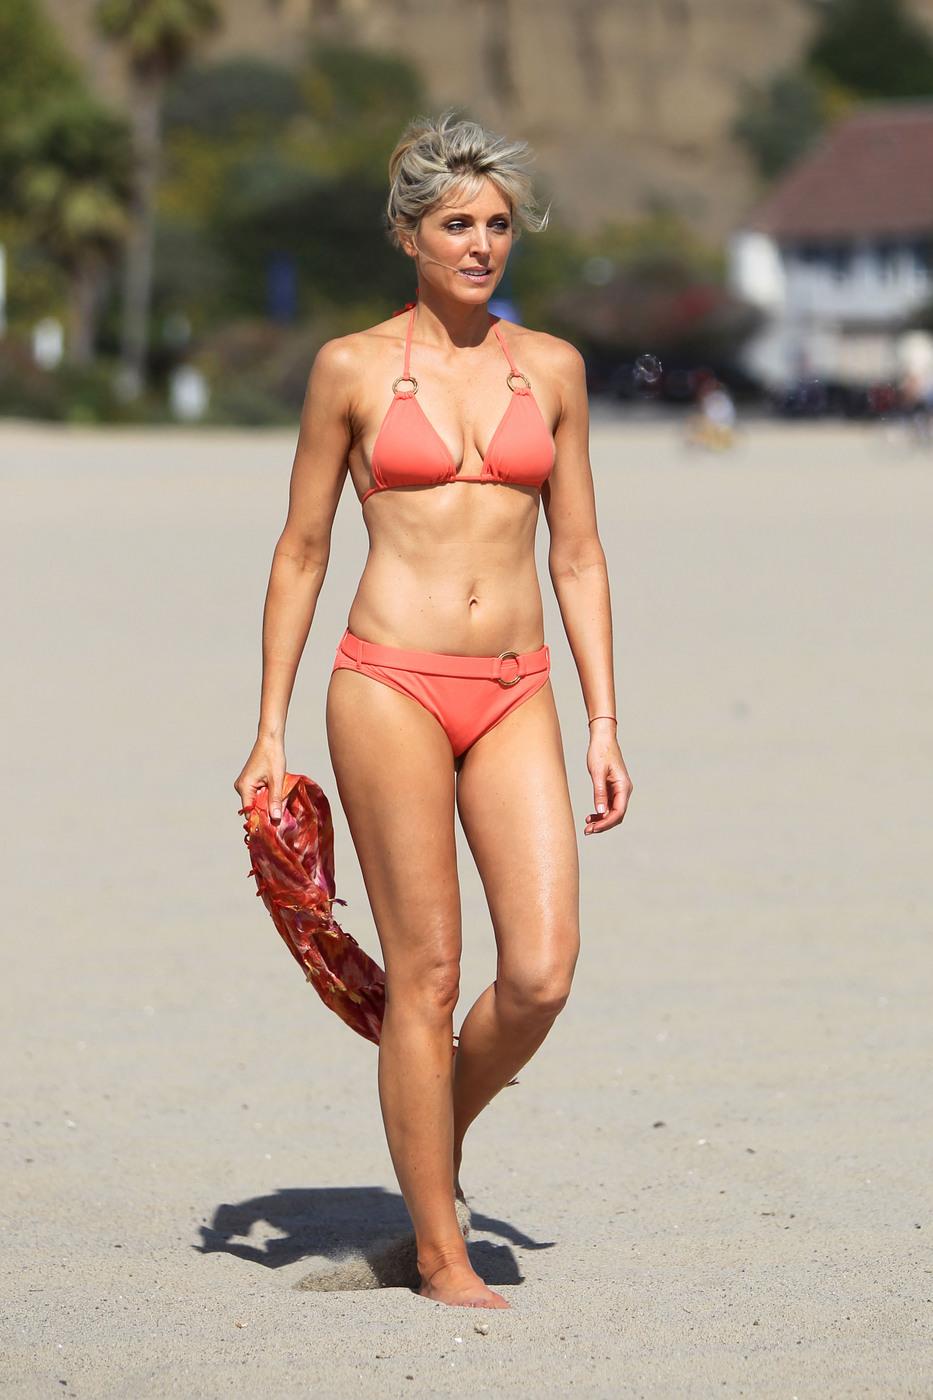 bikini mature picture